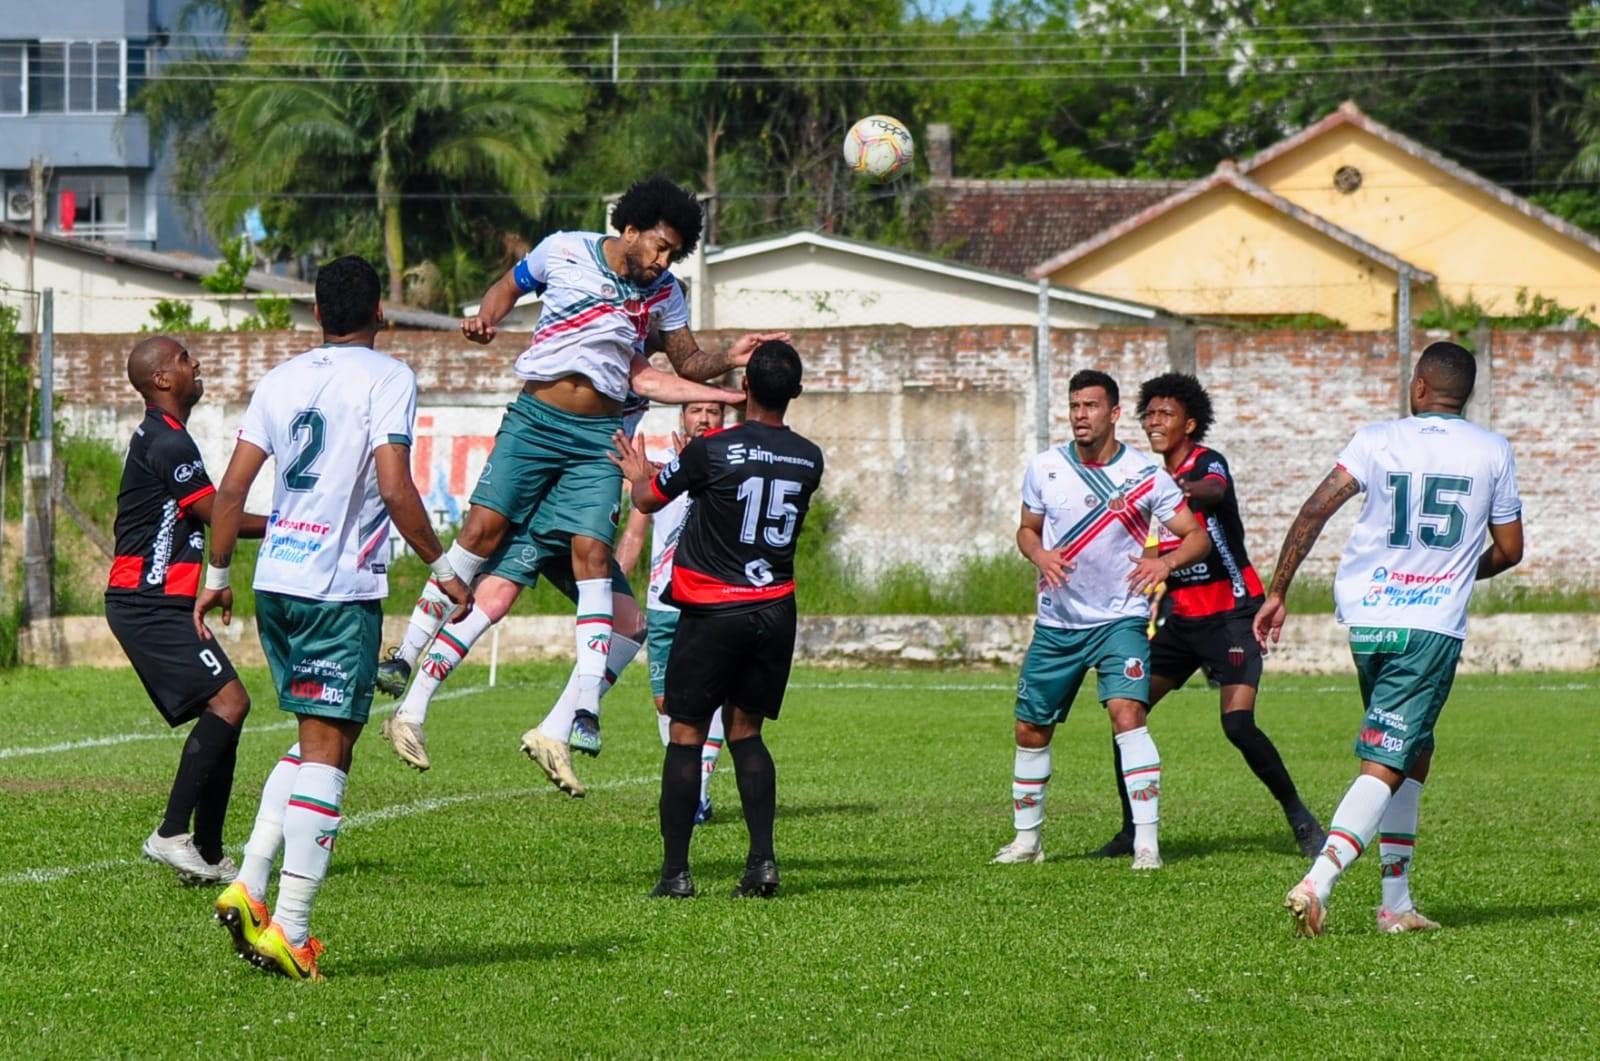 SC São Paulo perde por 1 a 0 para o Guarani-VA após retomada da partida que havia sido suspensa por agressão ao árbitro